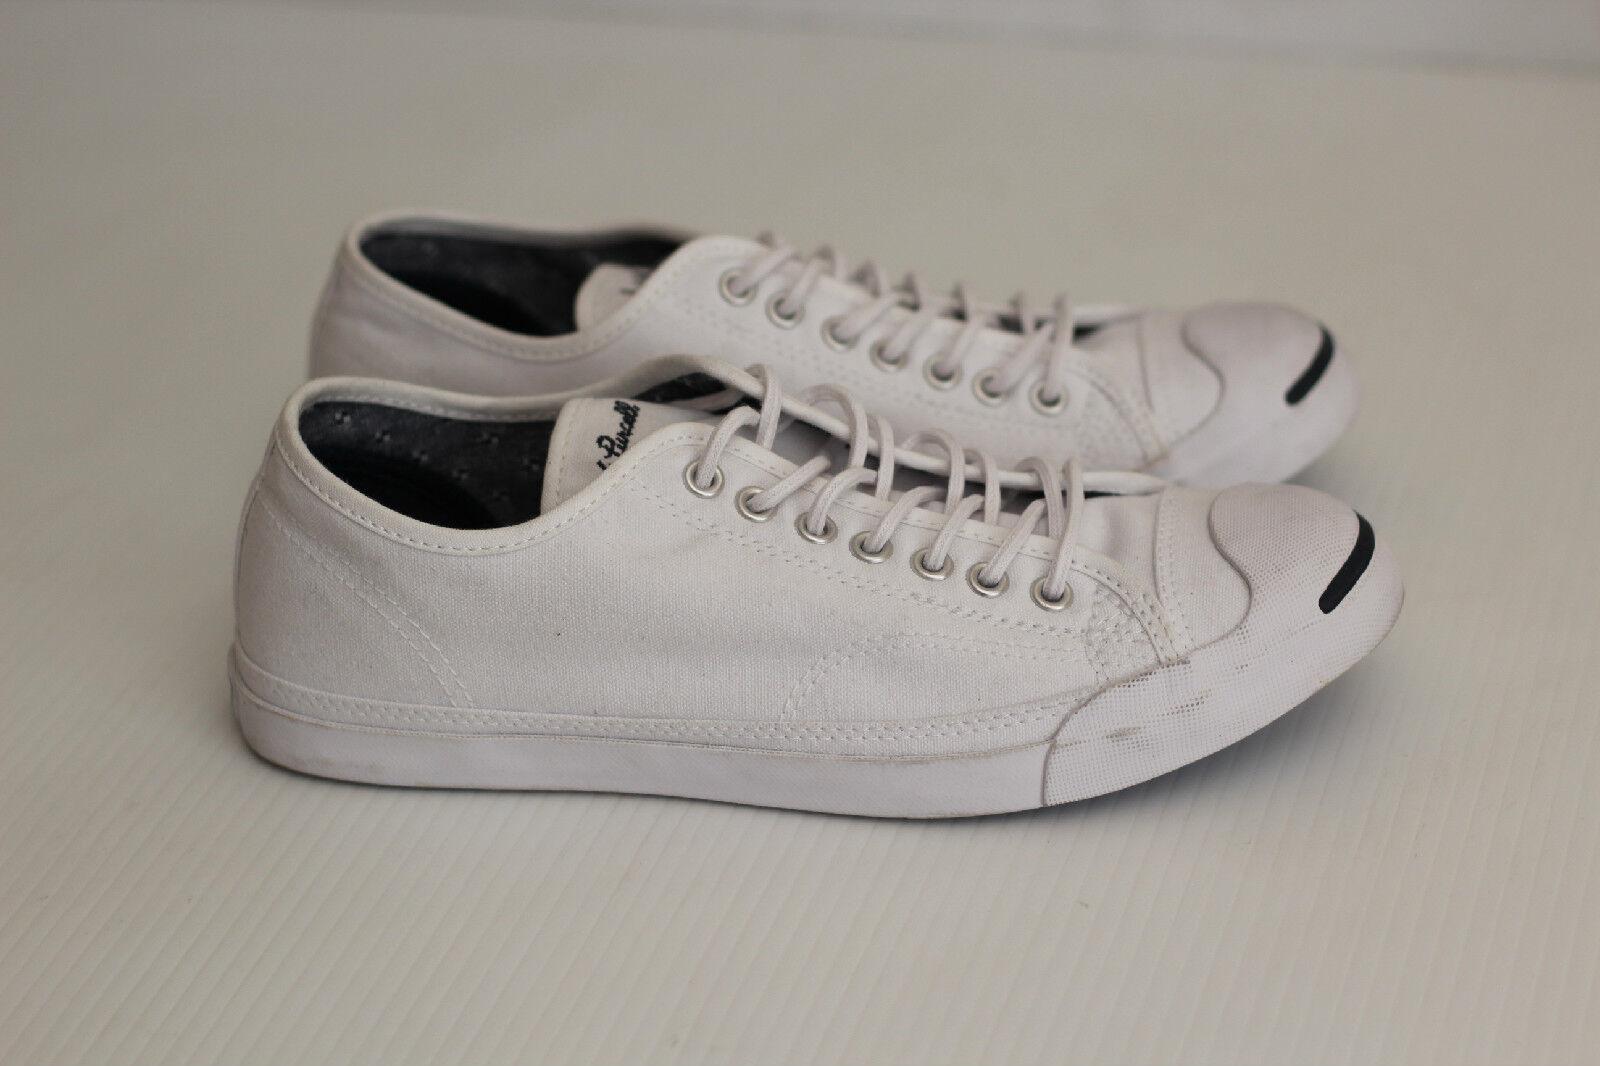 Nuevo Mujeres Converse Jack Purcell Tenis con Cordones Cordones Cordones Bajo Top-blancoo-Talla 9.5  marcas en línea venta barata